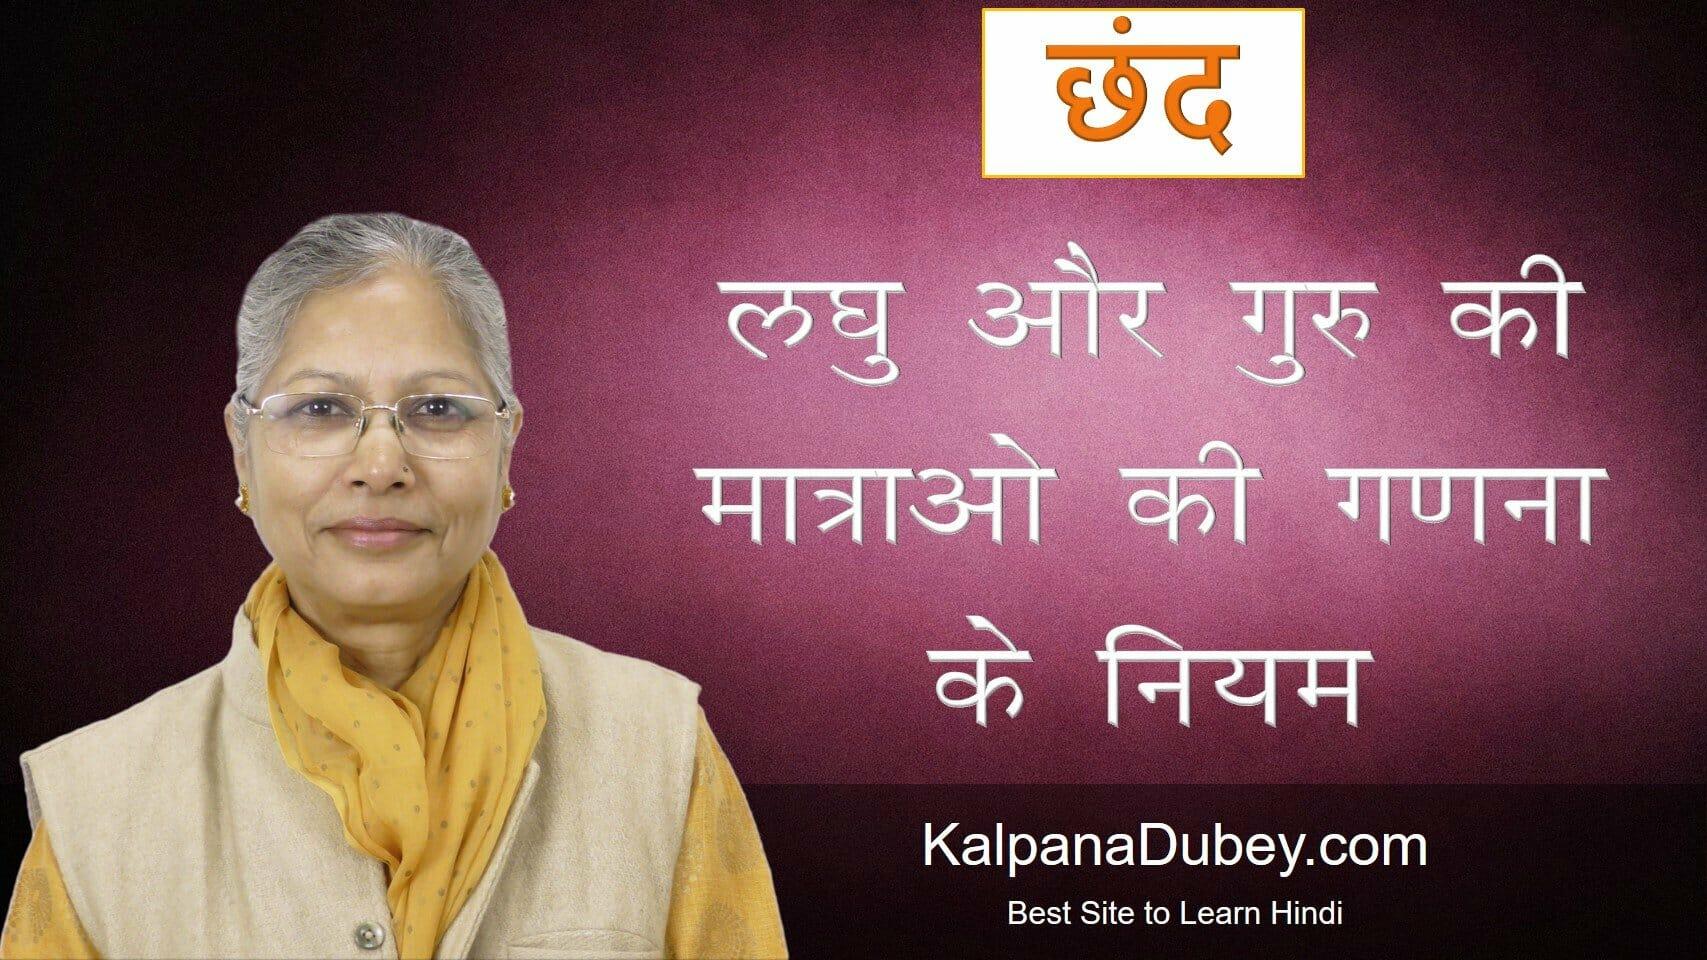 Laghu aur Guru ki Matrao ki Gadnai ke Niyam – Hindi Grammar Online Classes